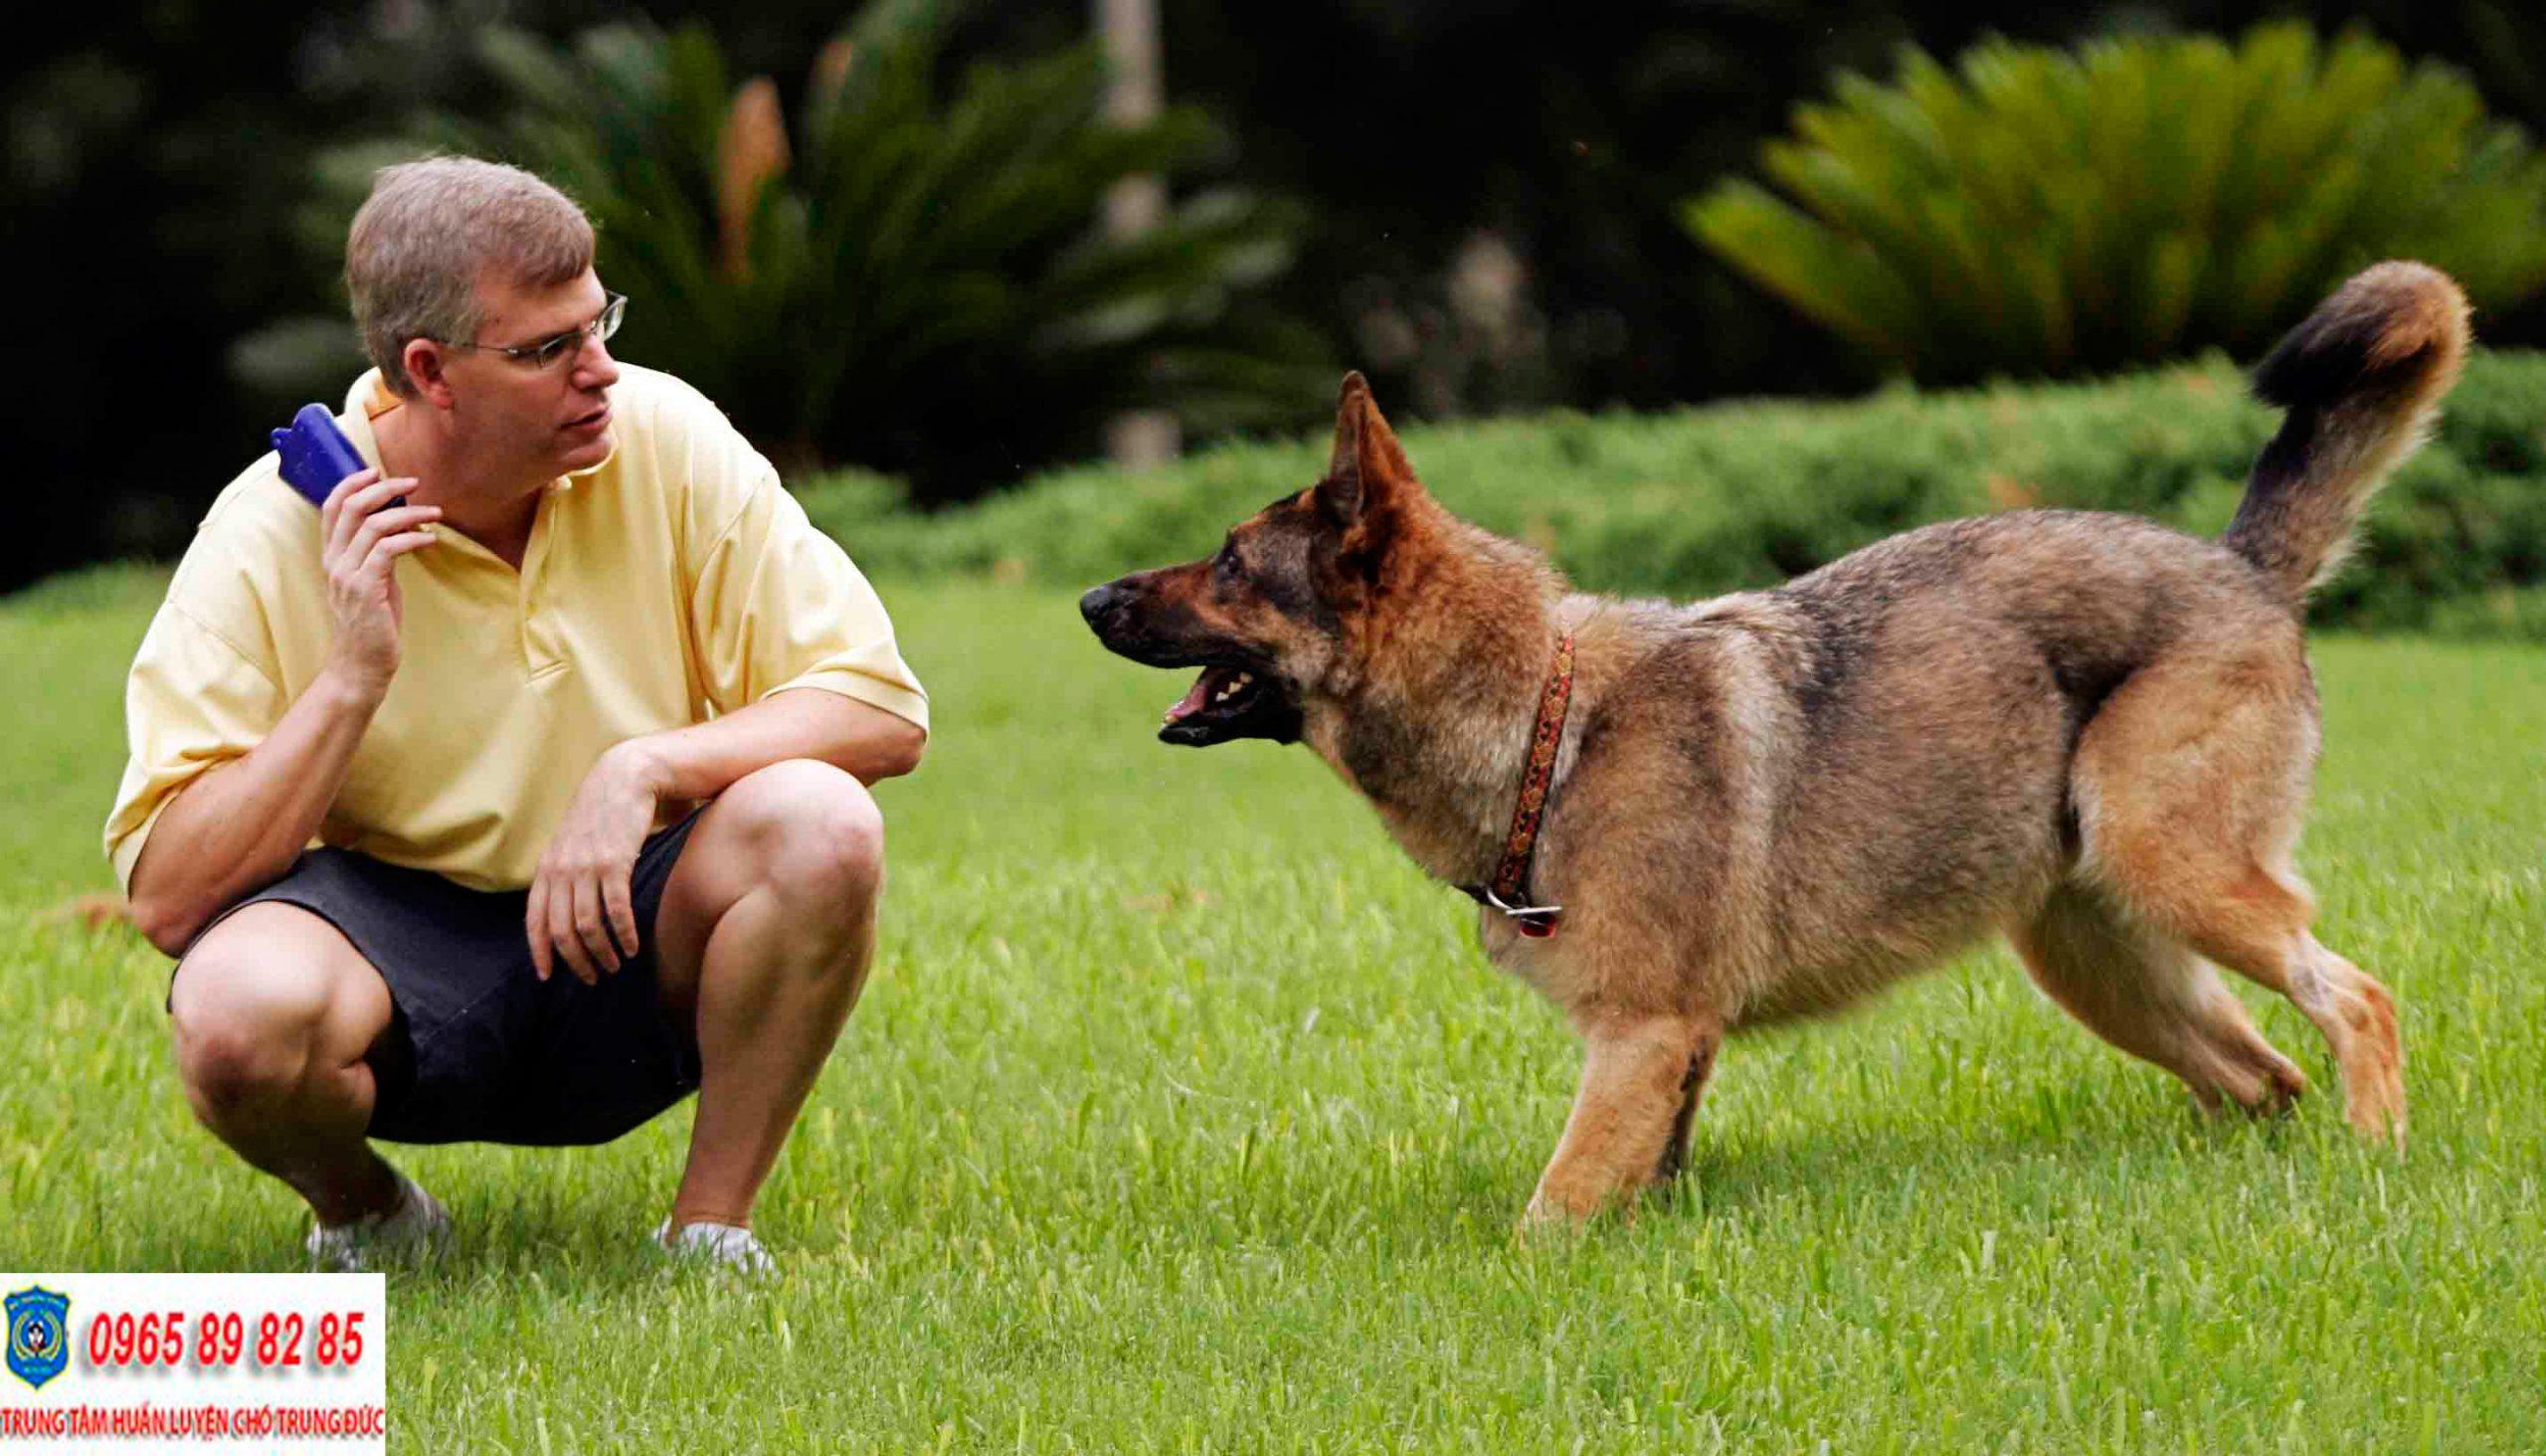 Trung tâm huấn luyện chó Quận 12